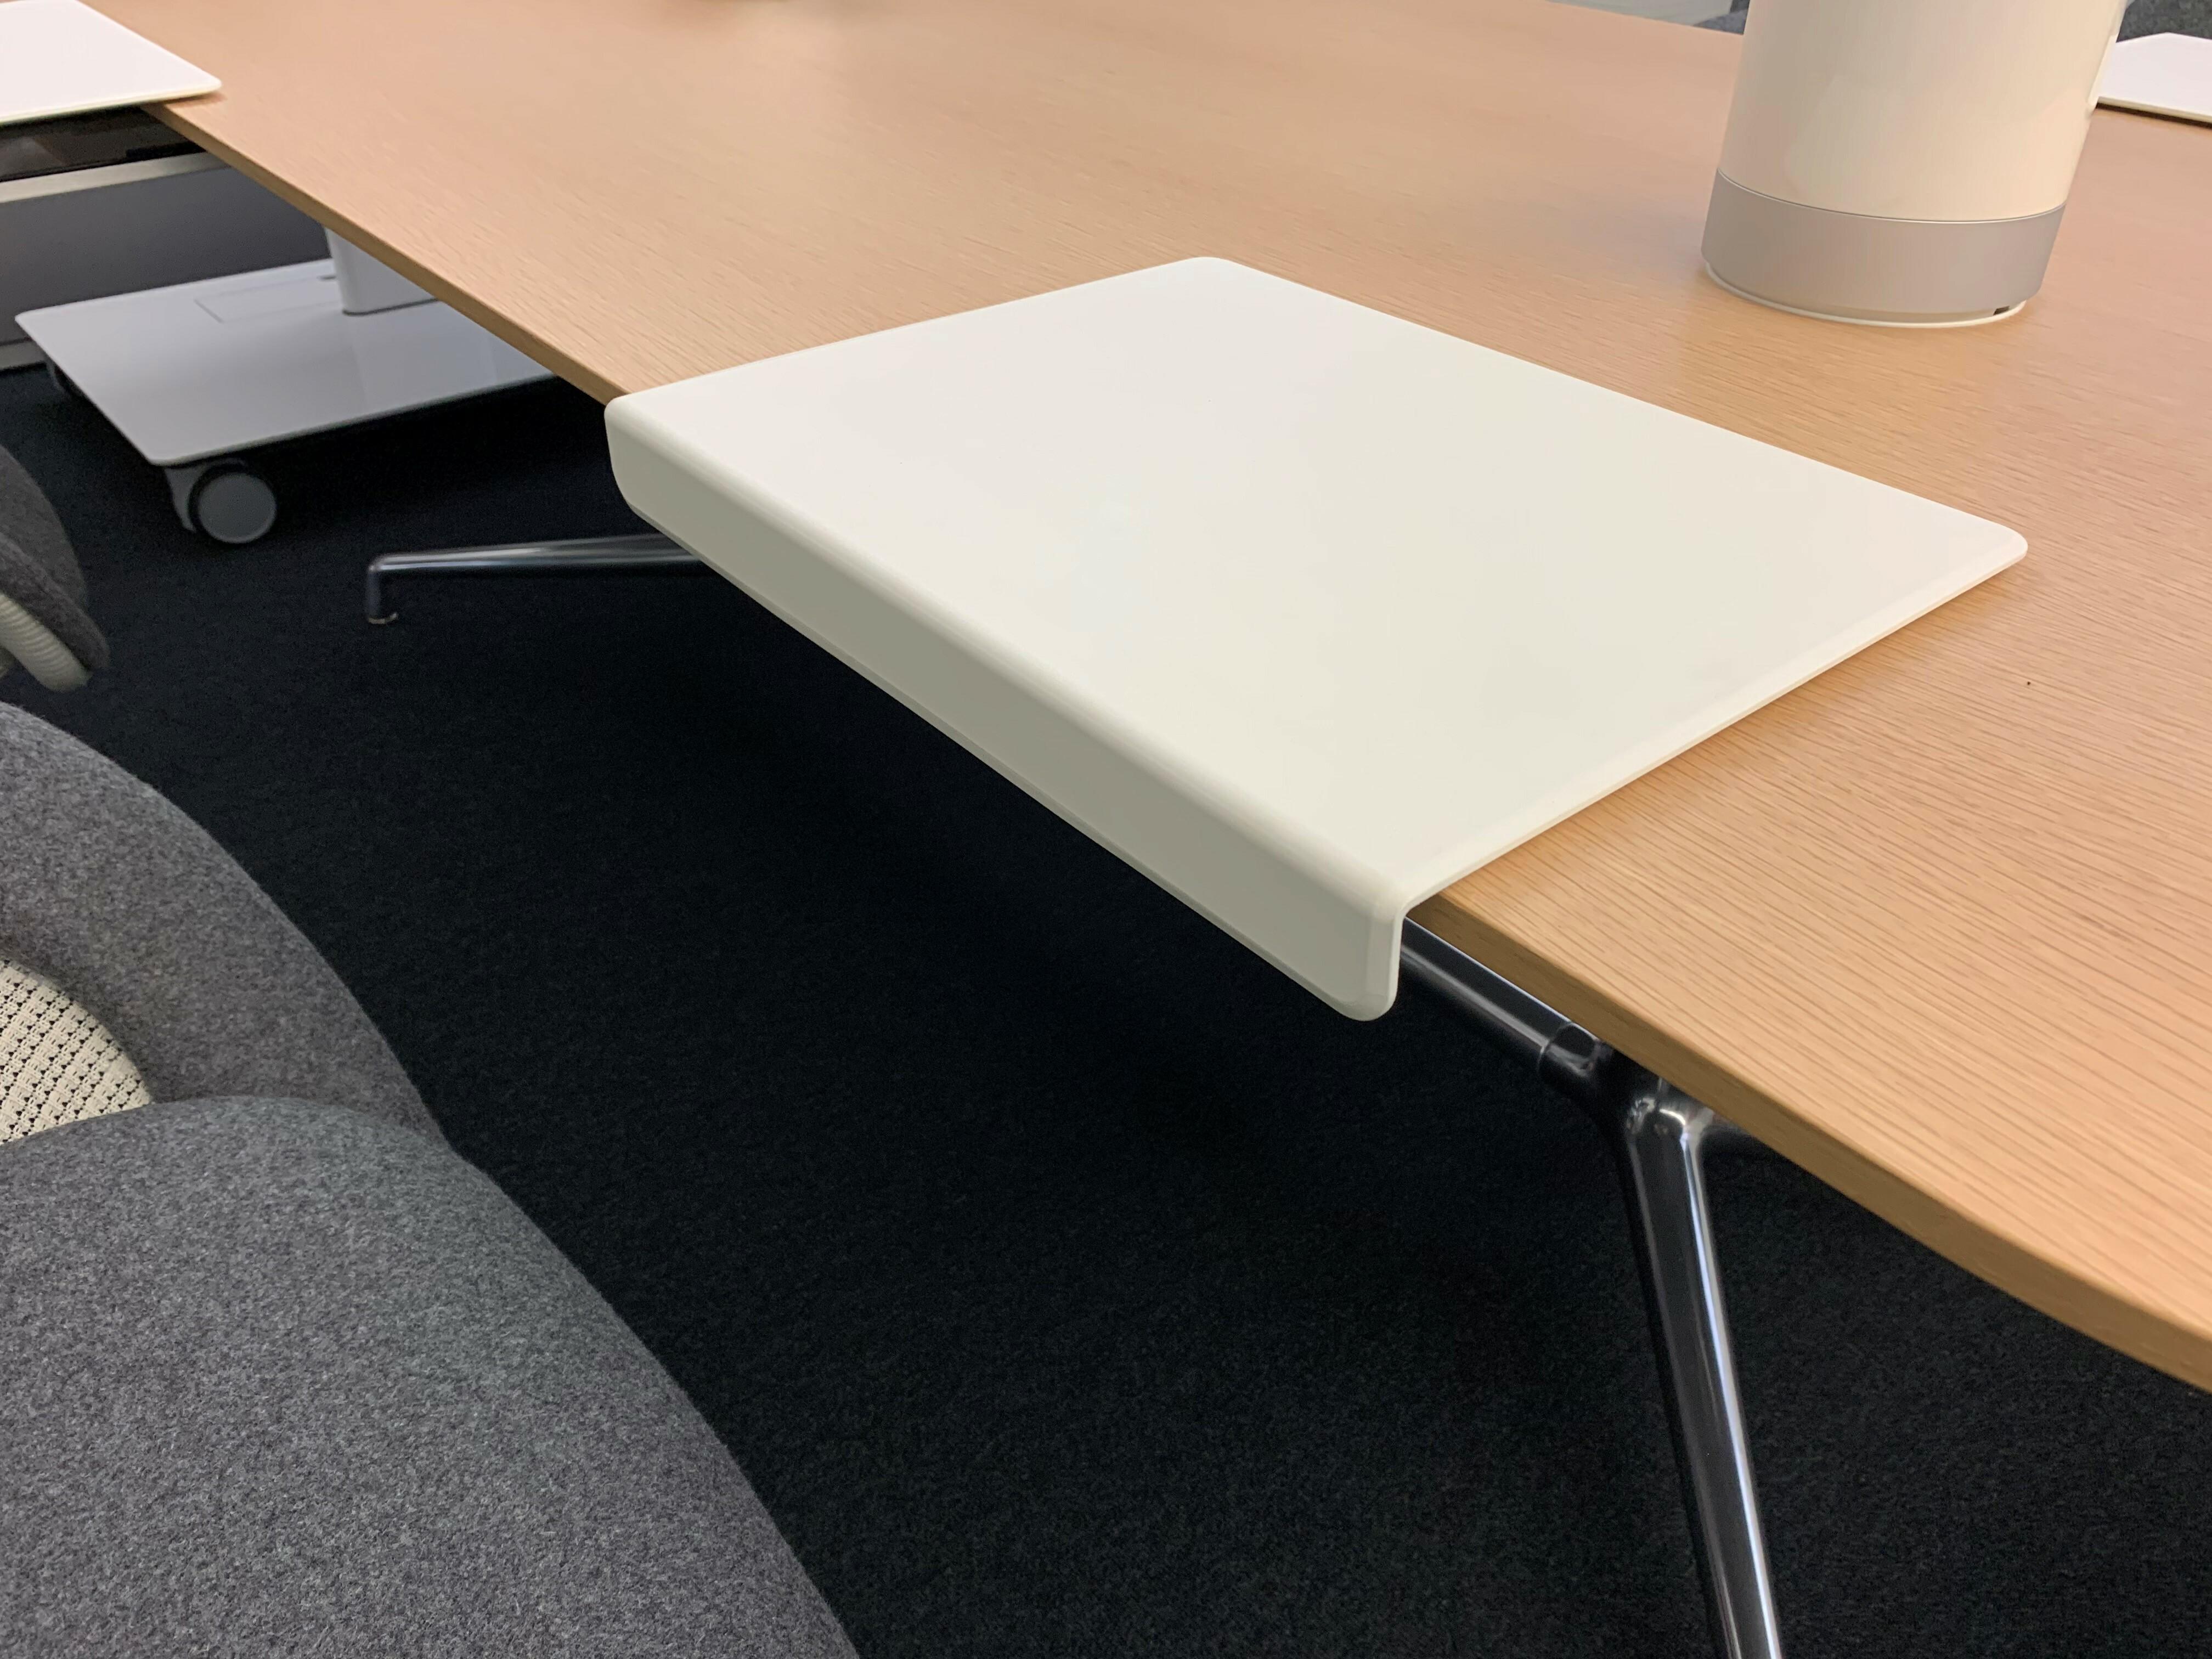 Table et siège de Coalesse 14